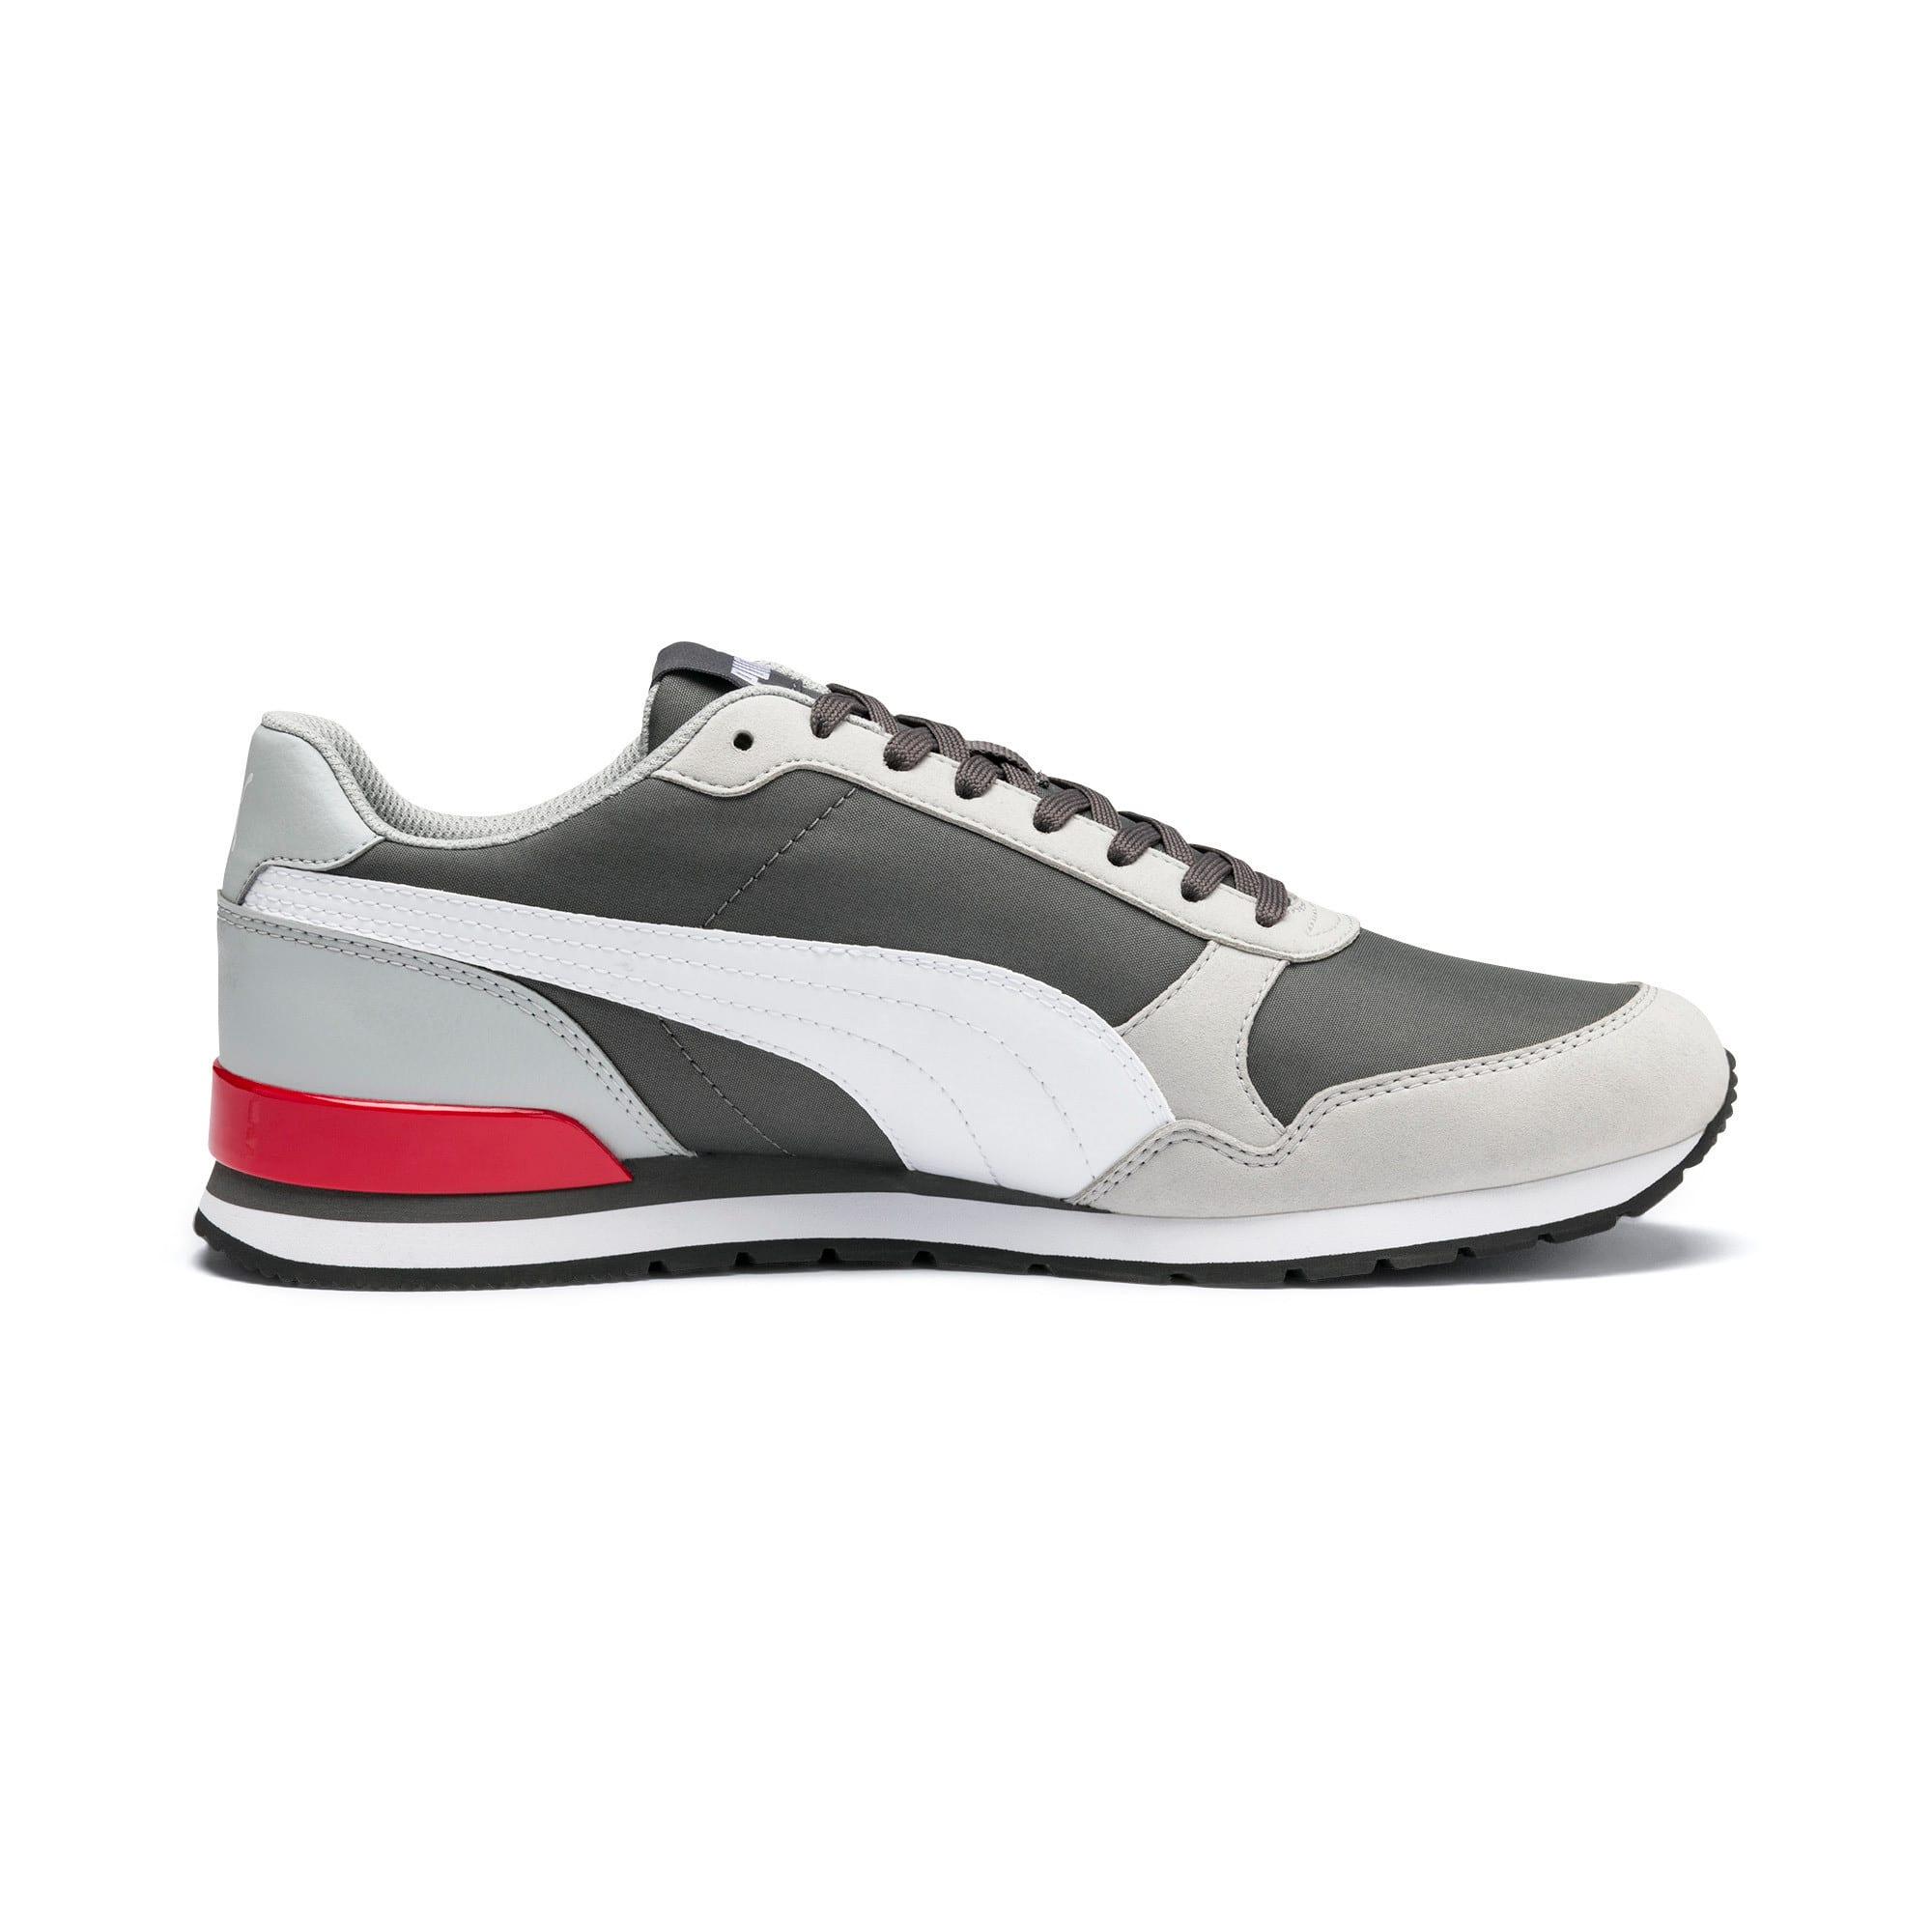 Thumbnail 6 of ST Runner v2 Sneakers, CASTLEROCK-High Rise, medium